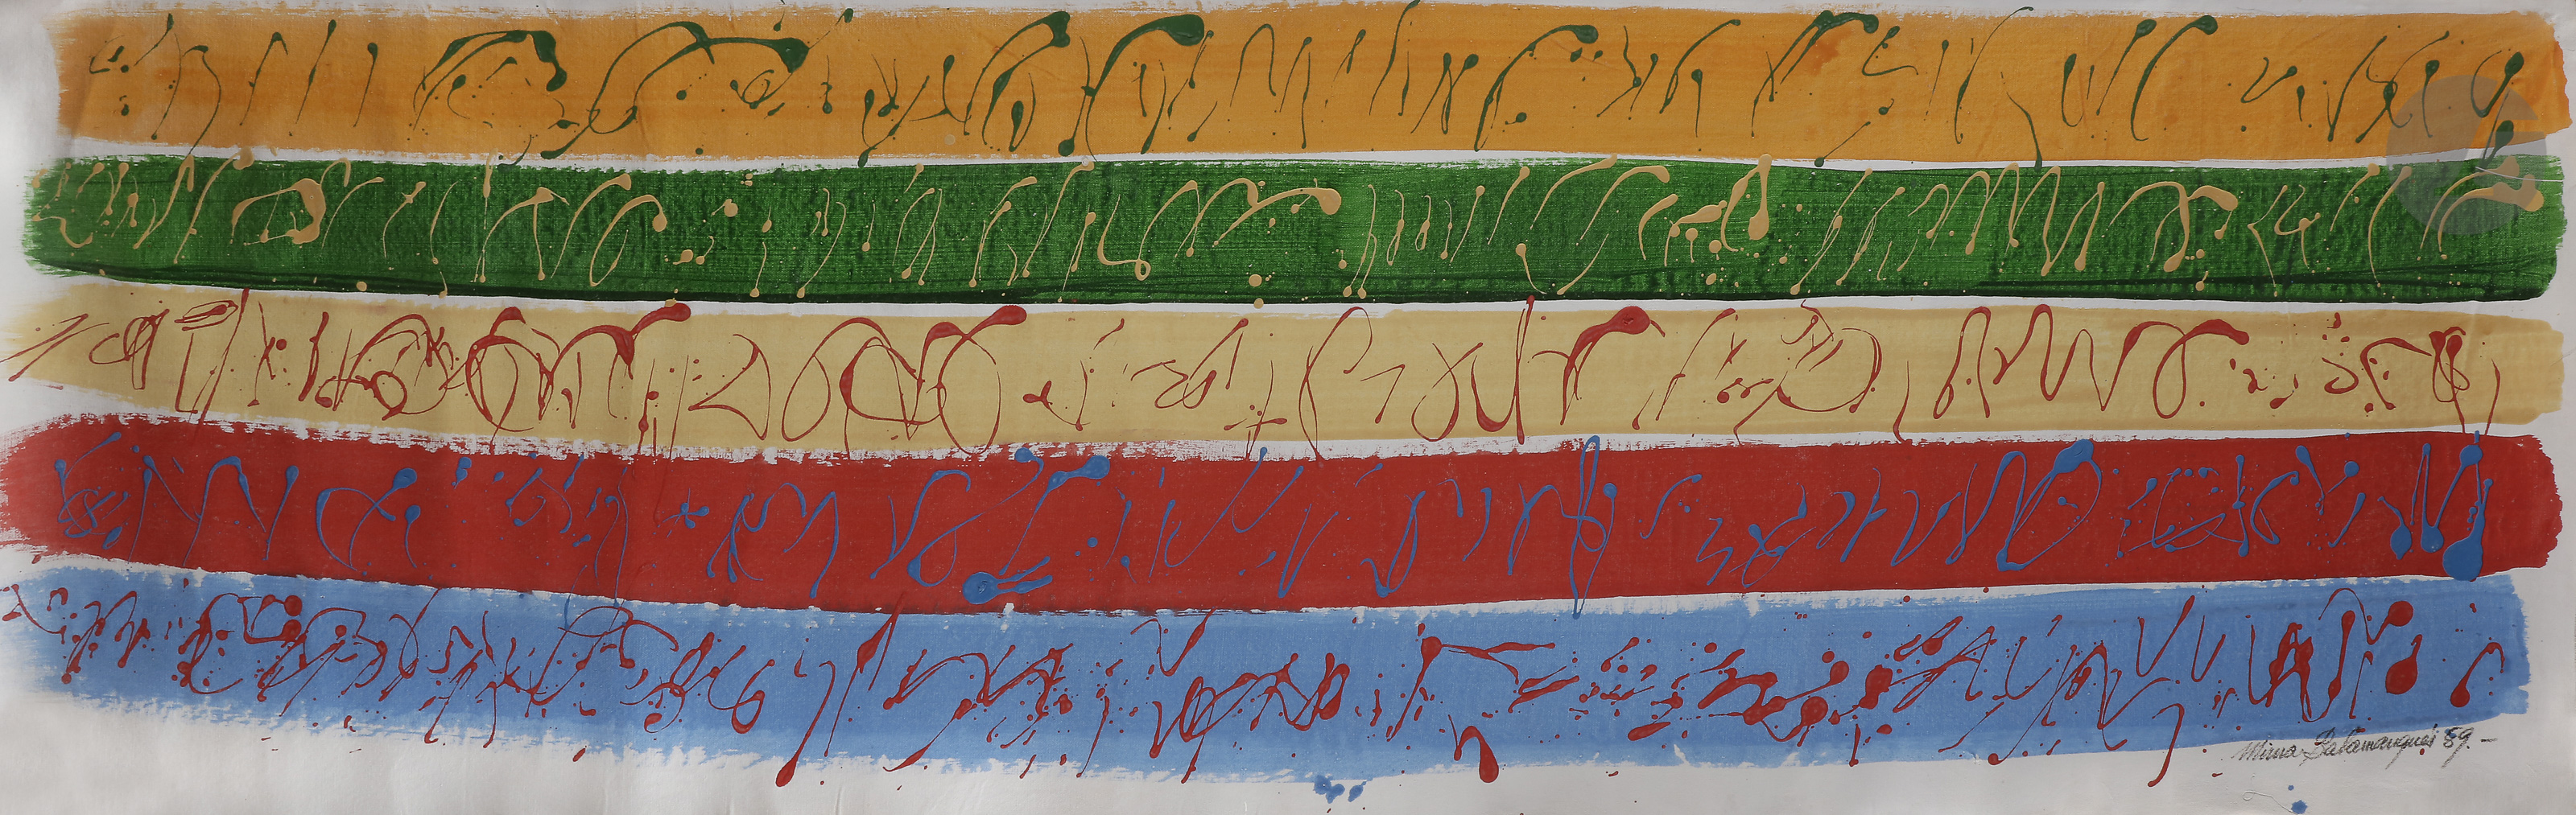 Lot 36 - Mirna SALAMANQUEZ [vénézuélienne] (né en 1943)Composition, 1989Acrylique sur toile libre.Signée et